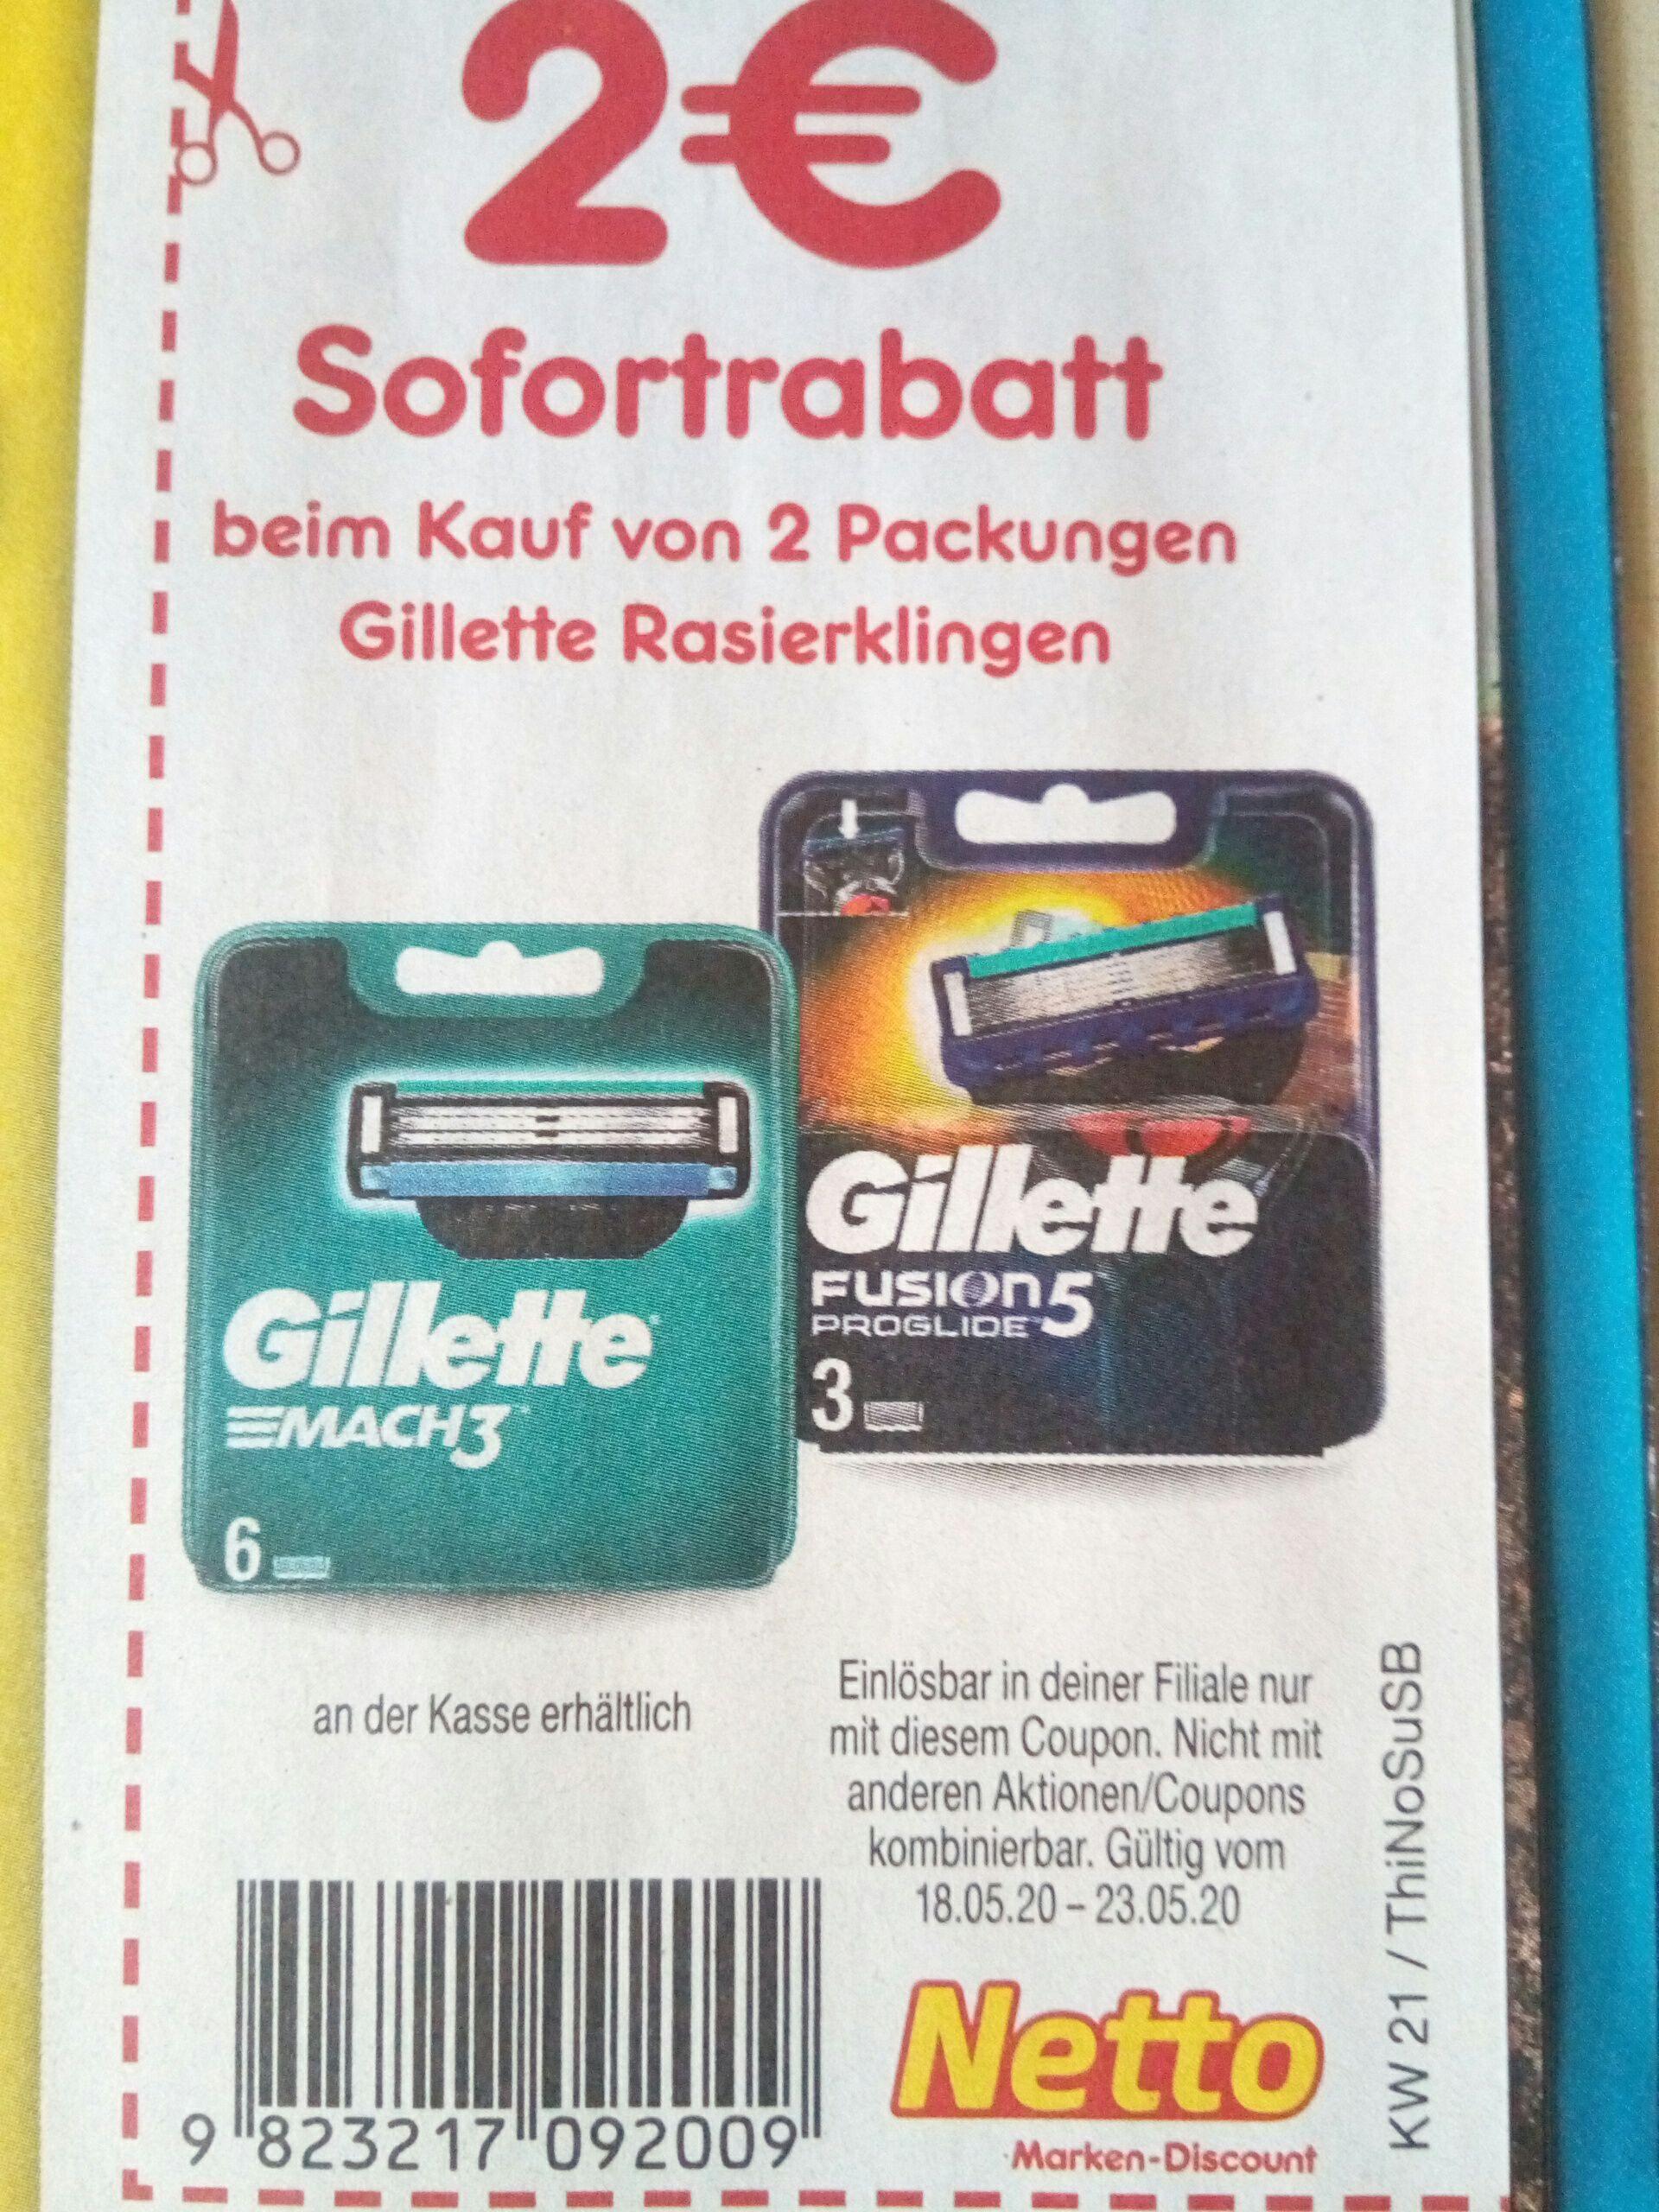 [Netto MD] 2€ Rabatt beim Kauf von 2 Packungen Gillette Rasierklingen